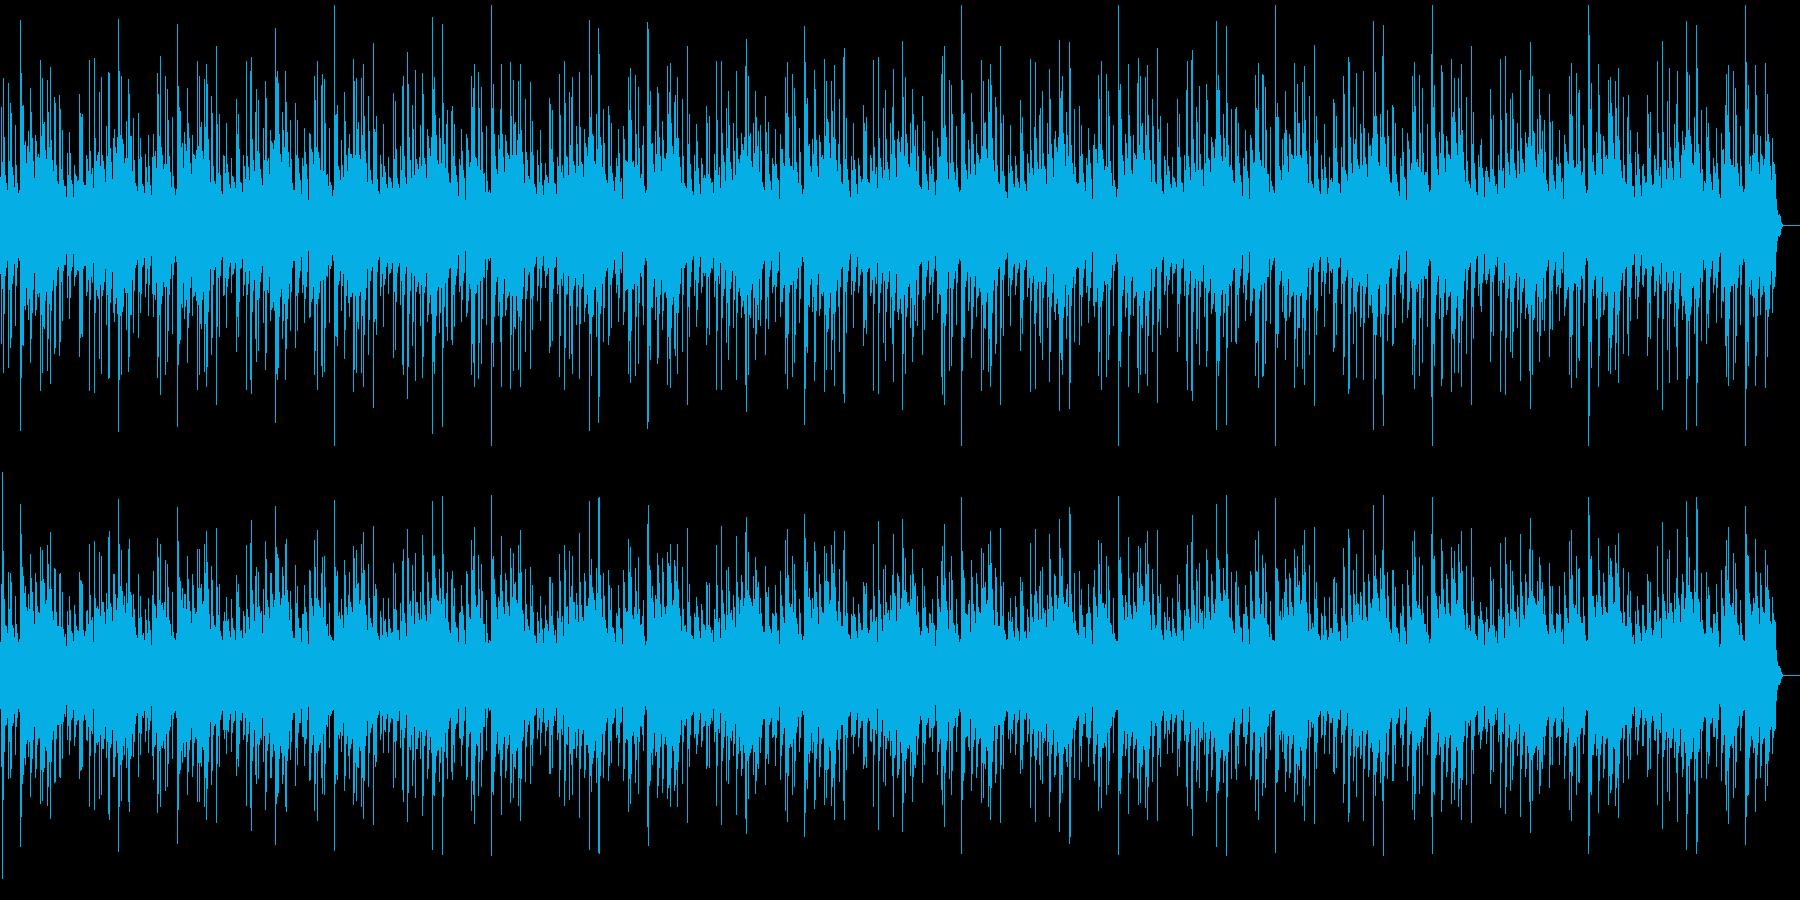 感動的でやさしさあるピアノバラードの再生済みの波形